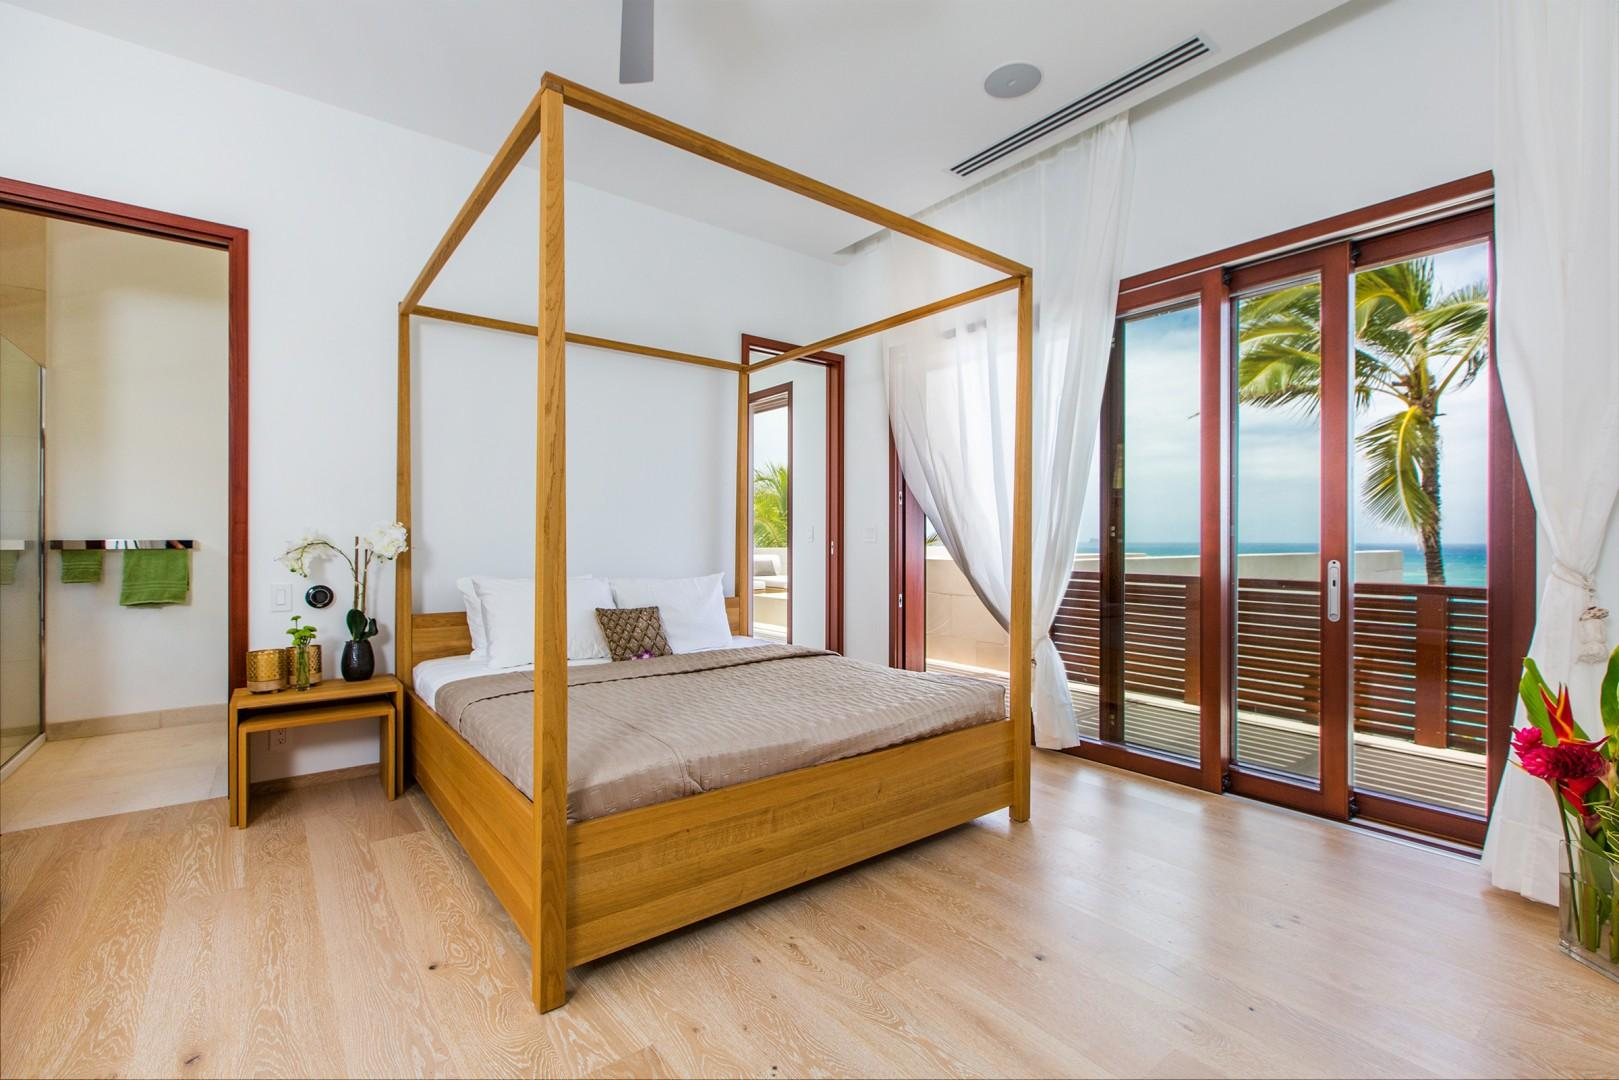 Upstairs guest bedroom 4 with ocean views